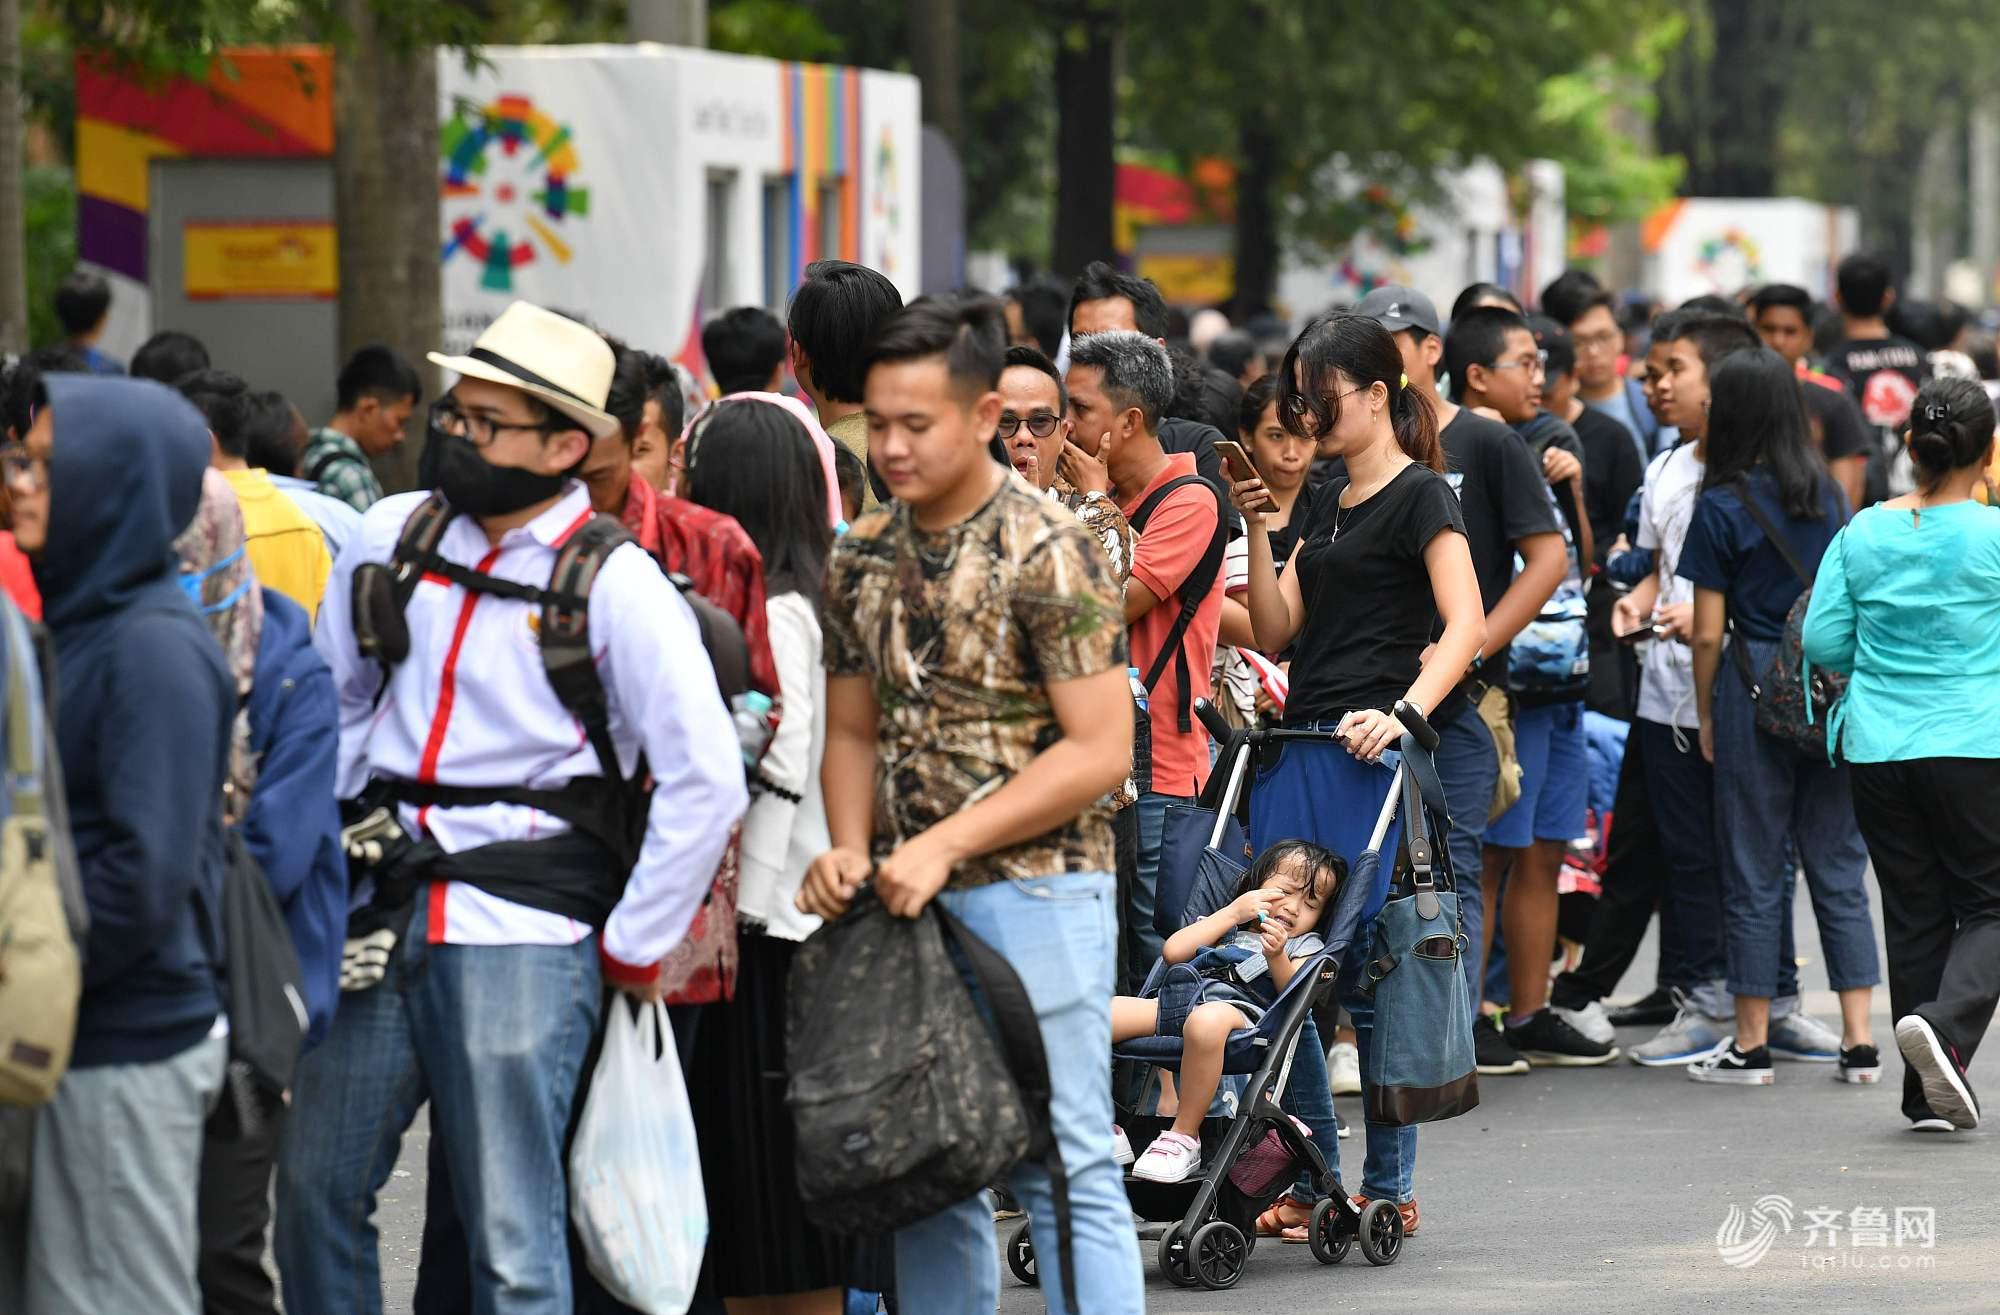 2018亚运会:当地观众购票火爆 人山人海排长队小朋友挤到大哭